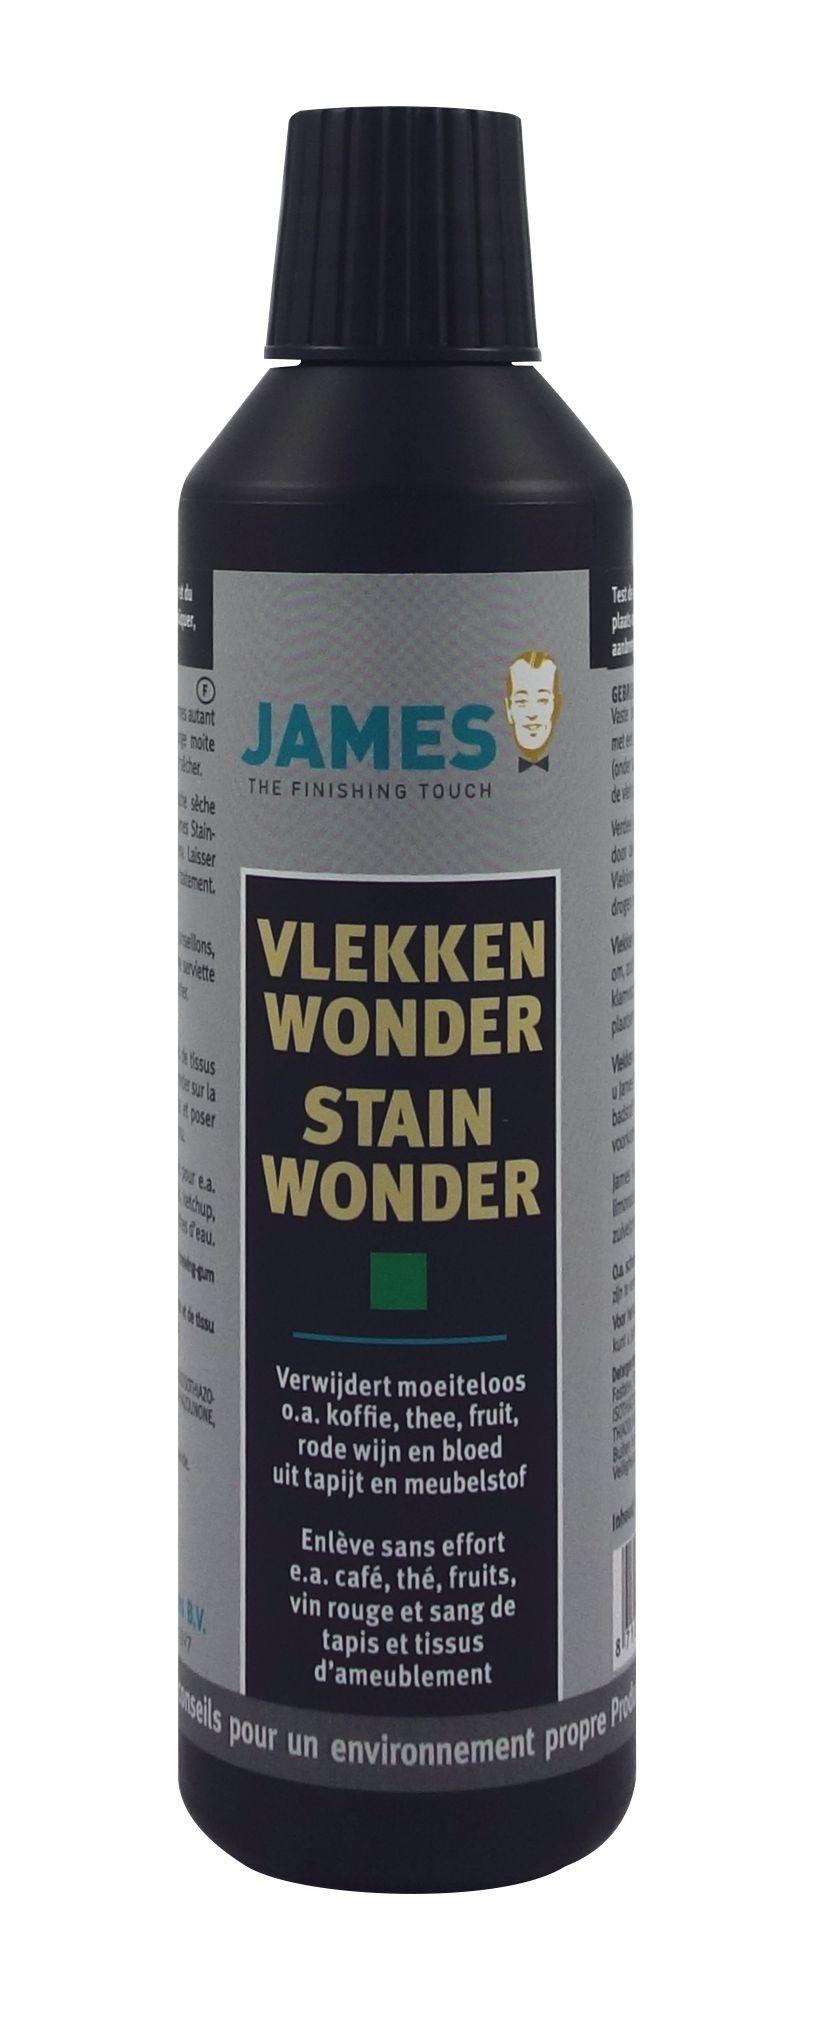 Produit de nettoyage pour tapis Stainwonder James